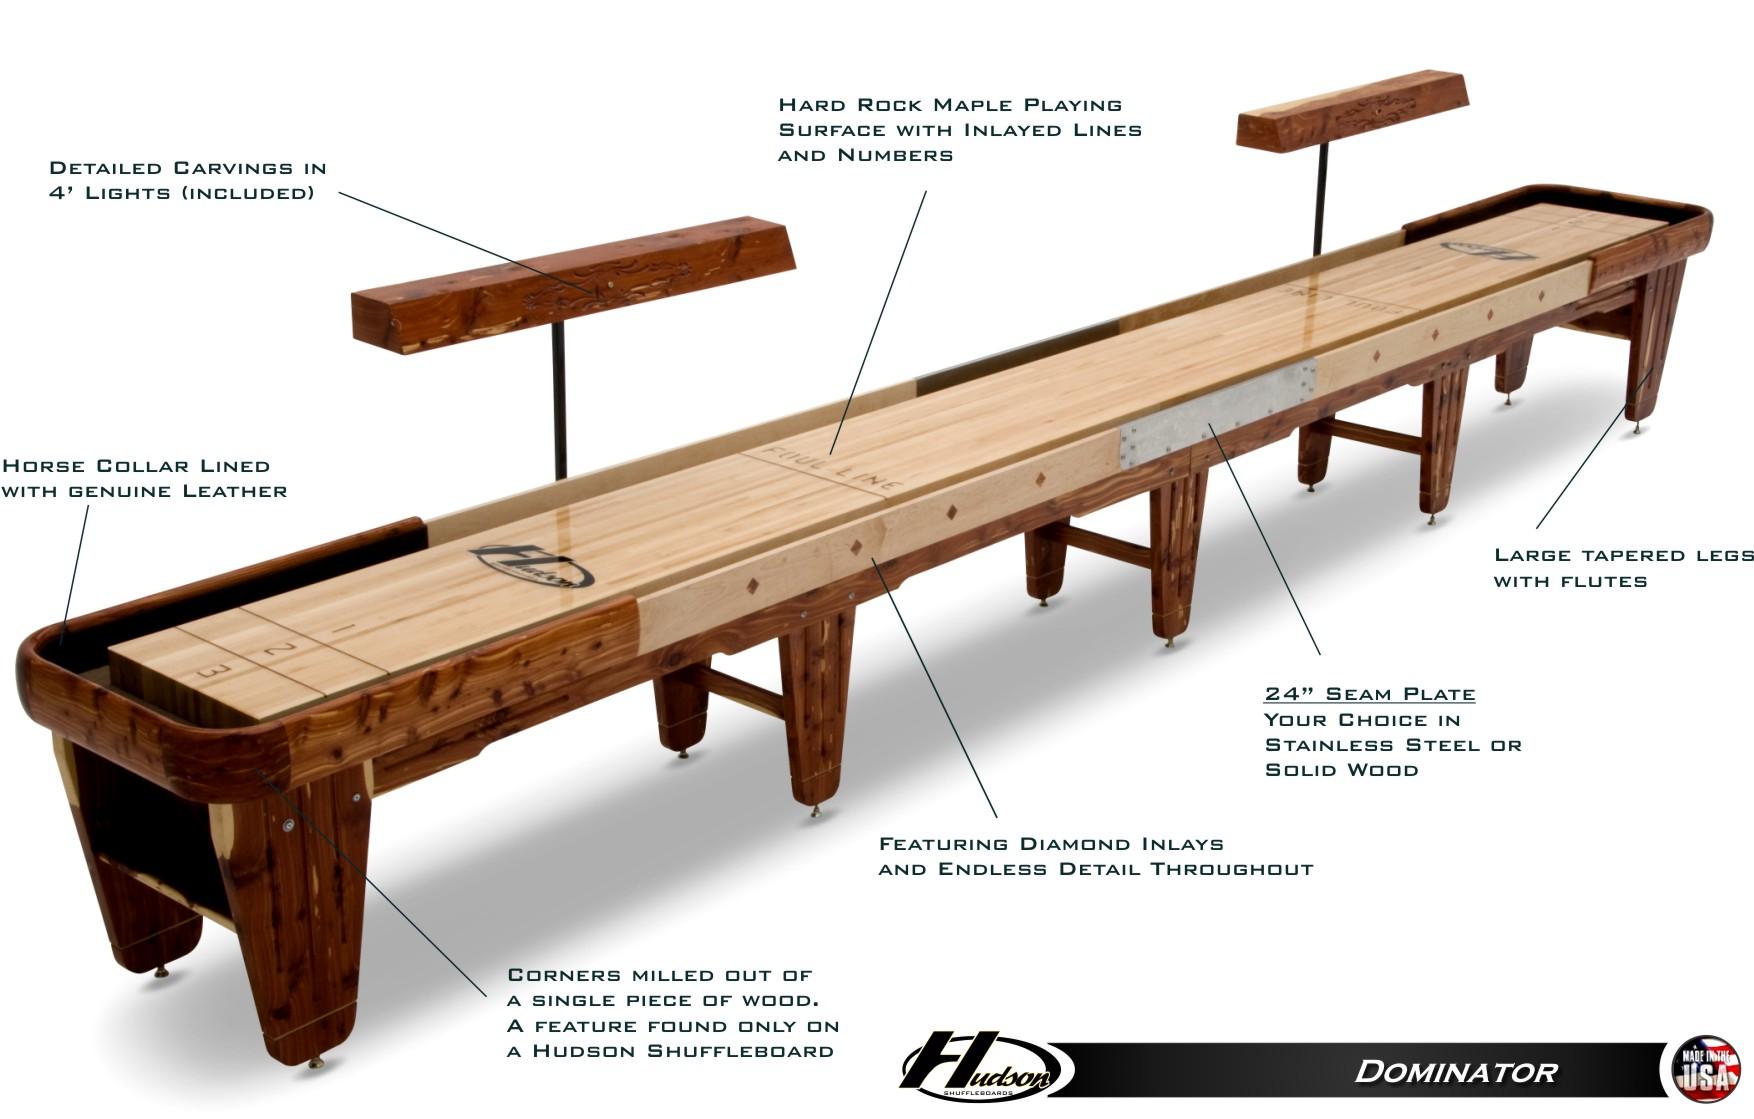 22 dominator shuffleboard table rh shuffleboard net shuffleboard tables atlanta shuffleboard tables for sale